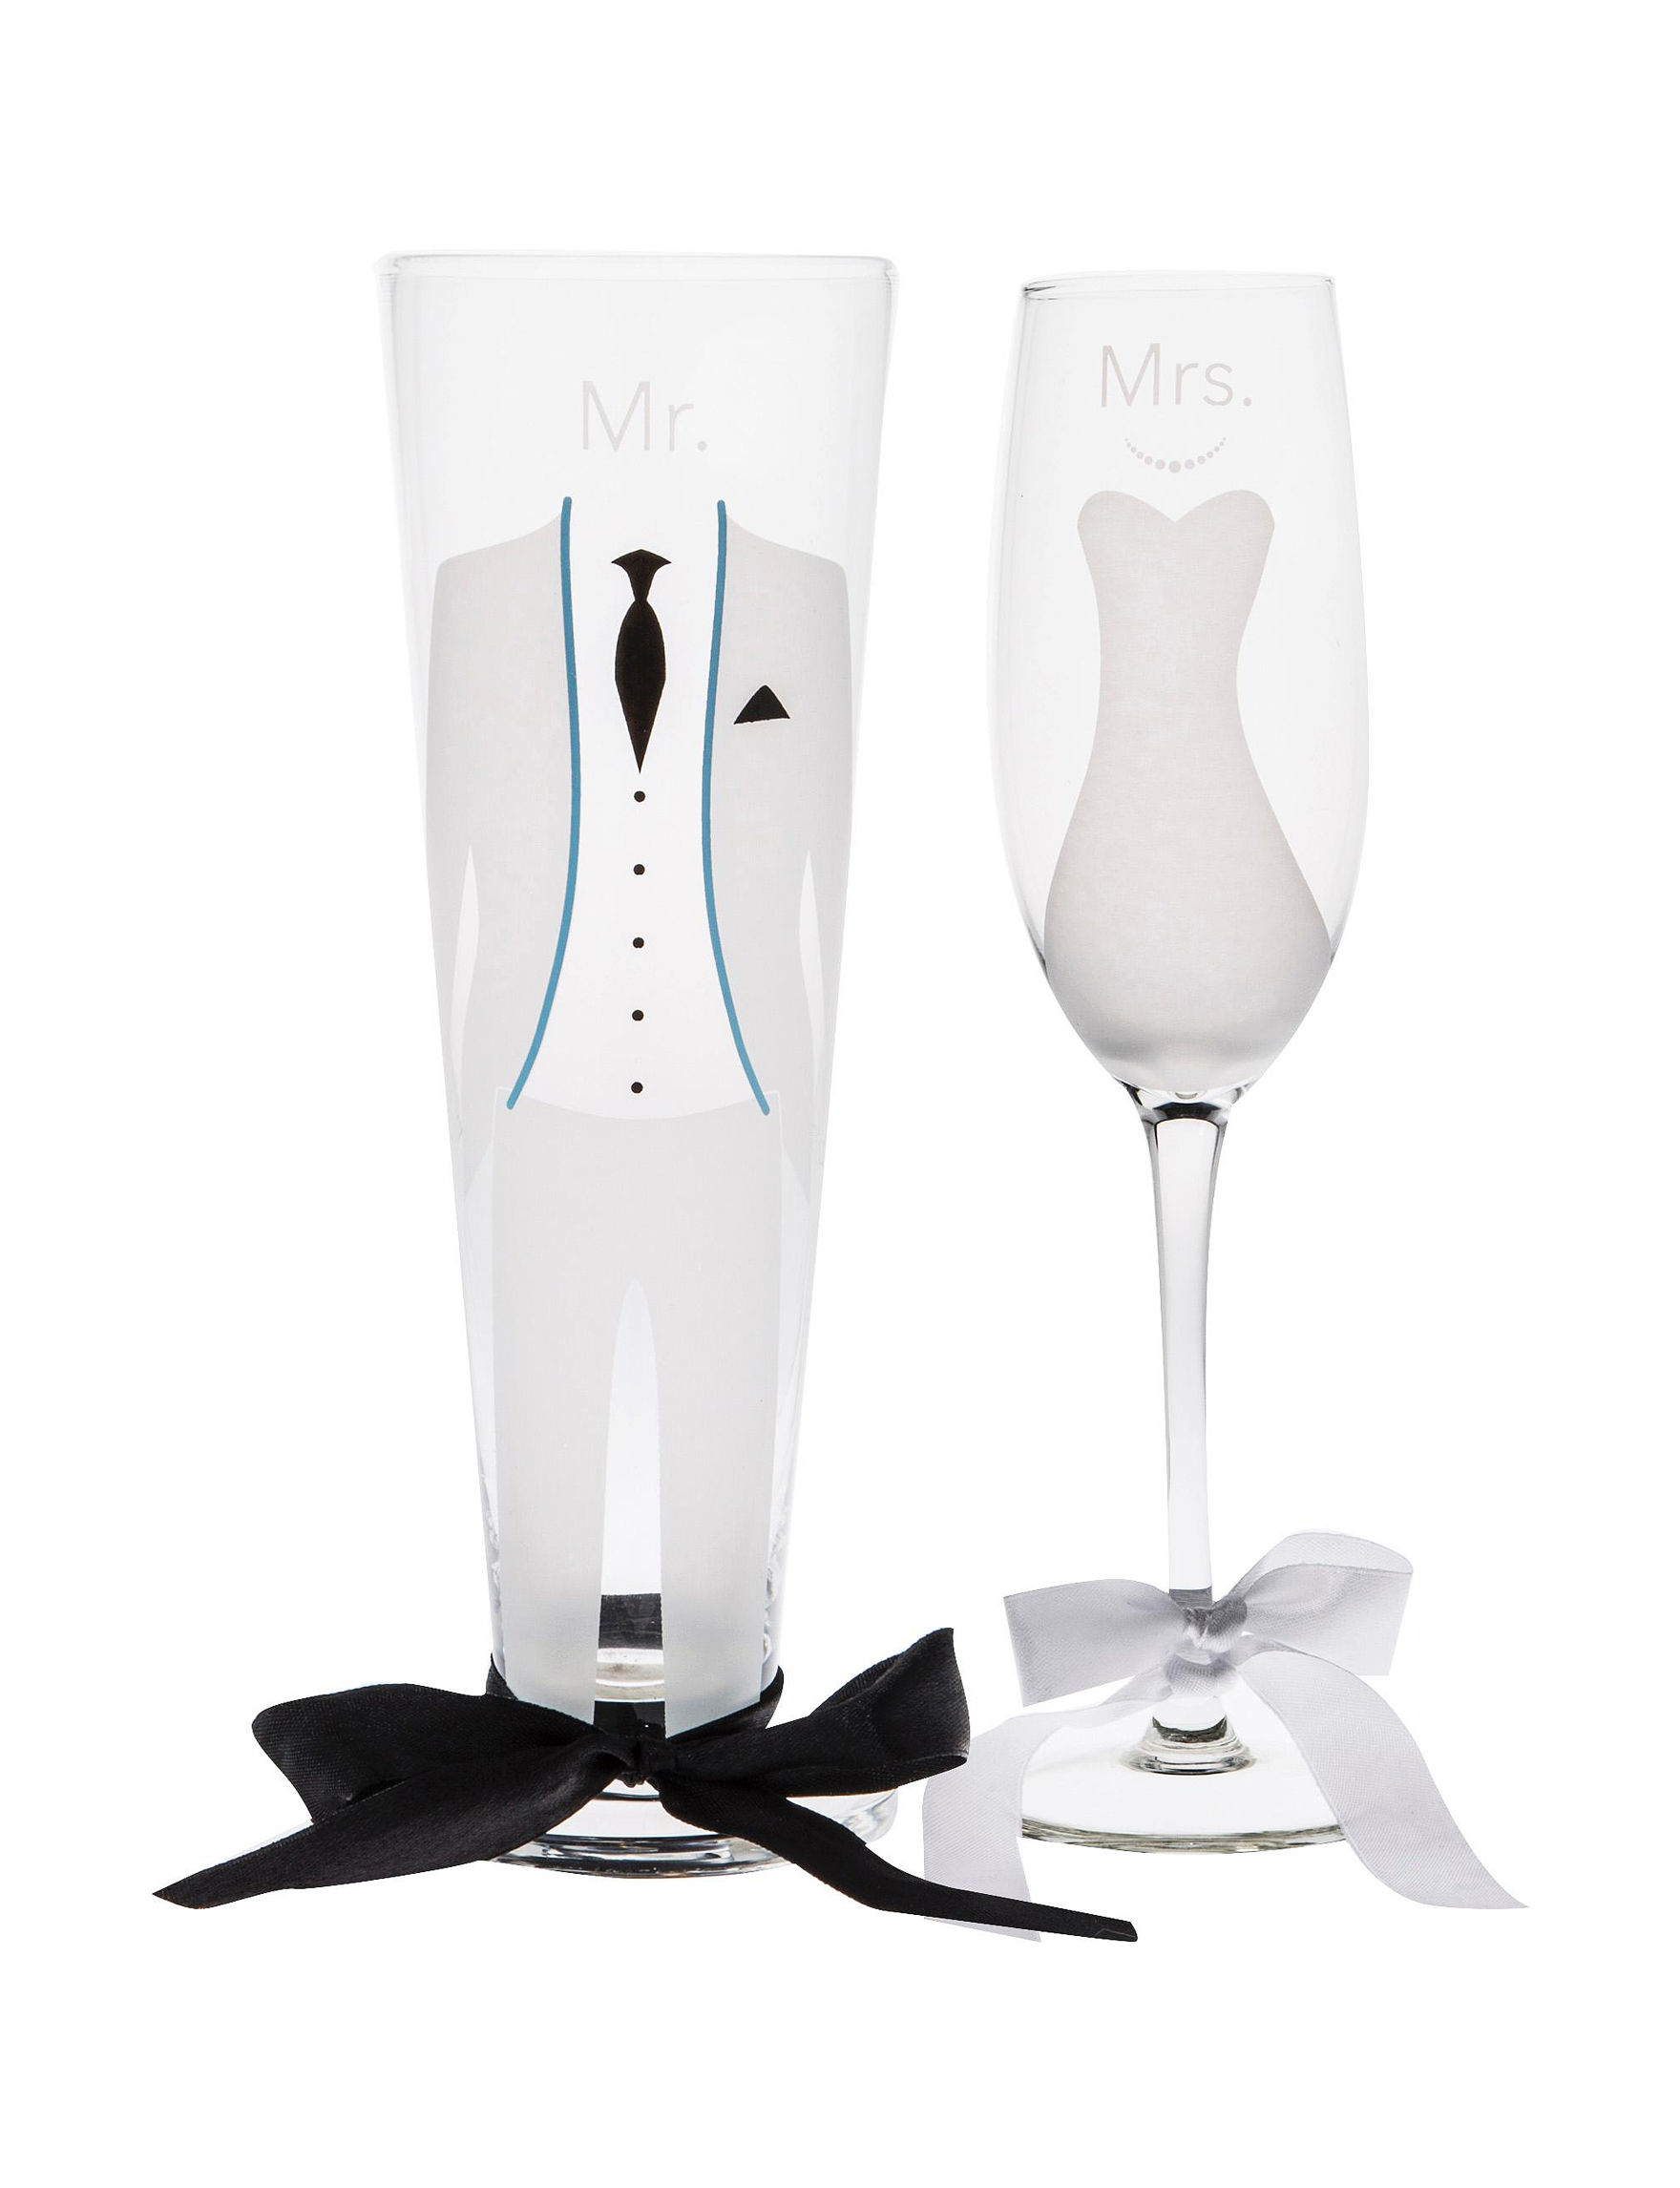 Home Essentials White / Black Champagne Glasses Drinkware